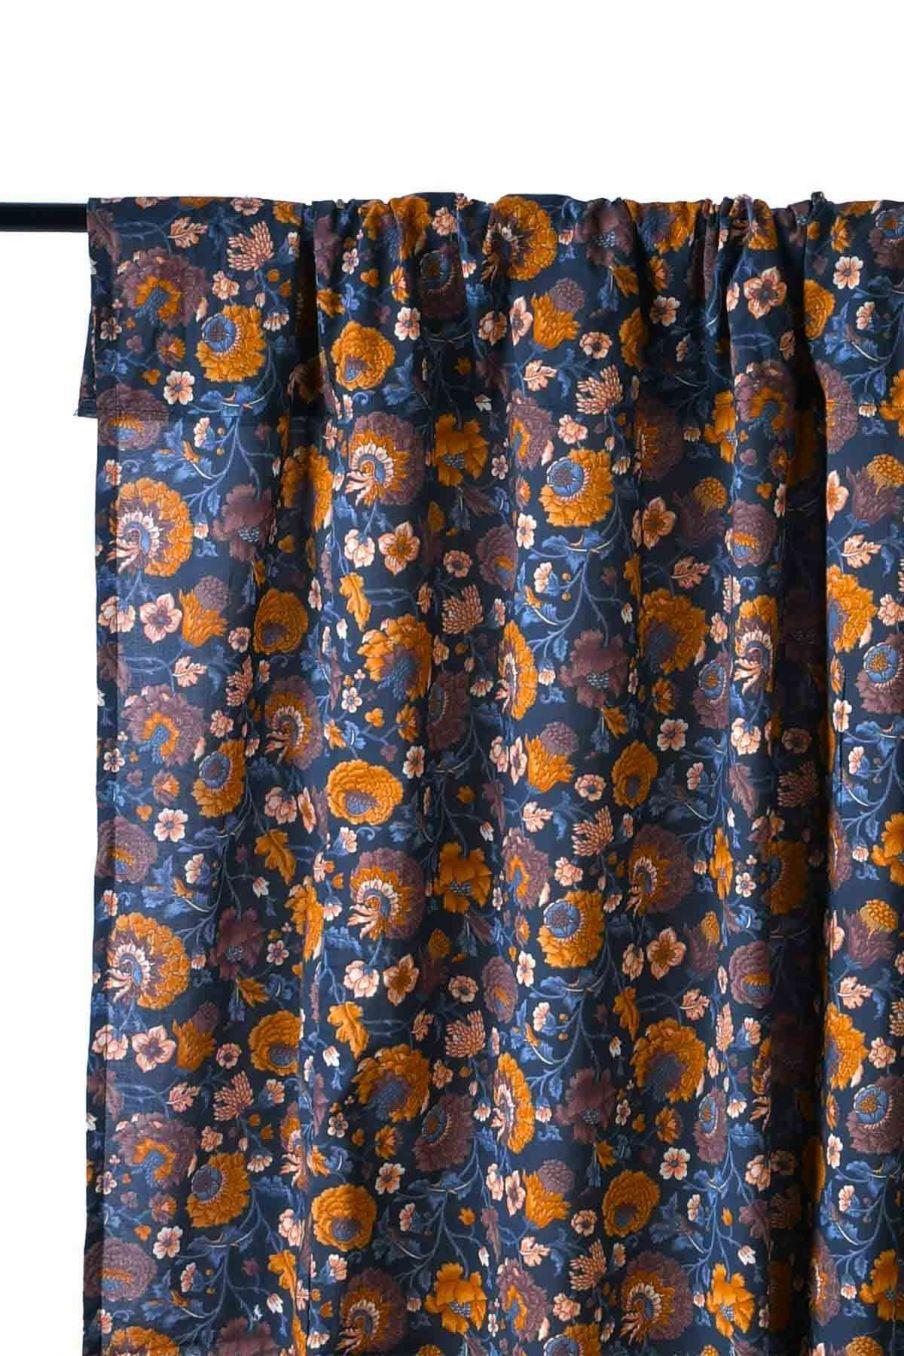 rideau maison colette charcoal bohemian flowers - louise misha